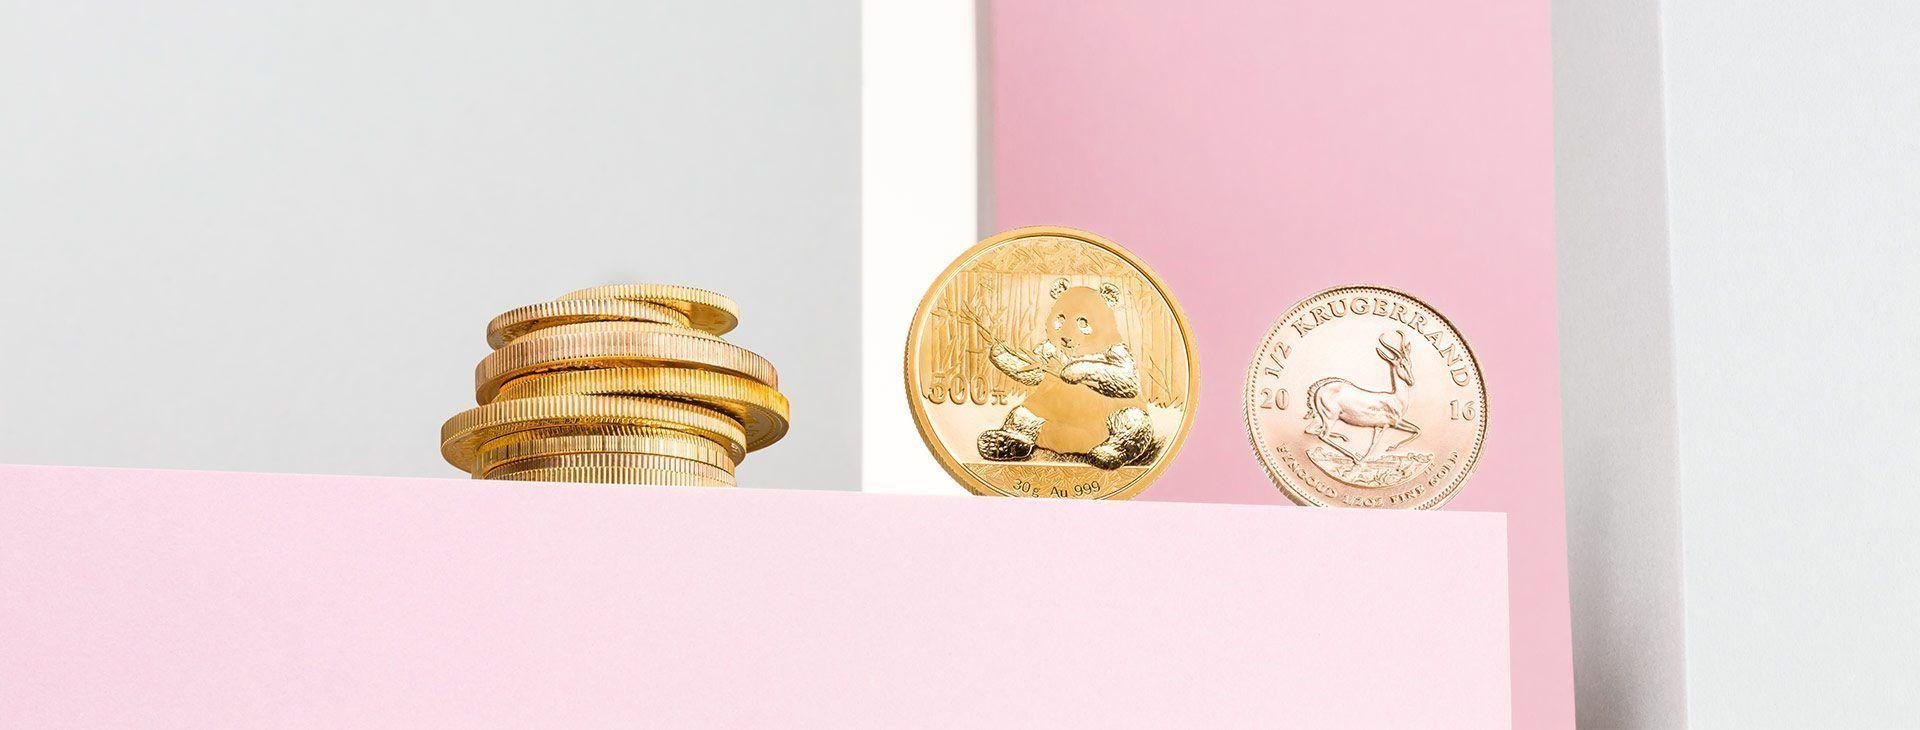 Die Haeger Gmbh Empfiehlt Sich Auch Für Den Münzenankauf In Krefeld Goldankauf Gold Silbermünzen